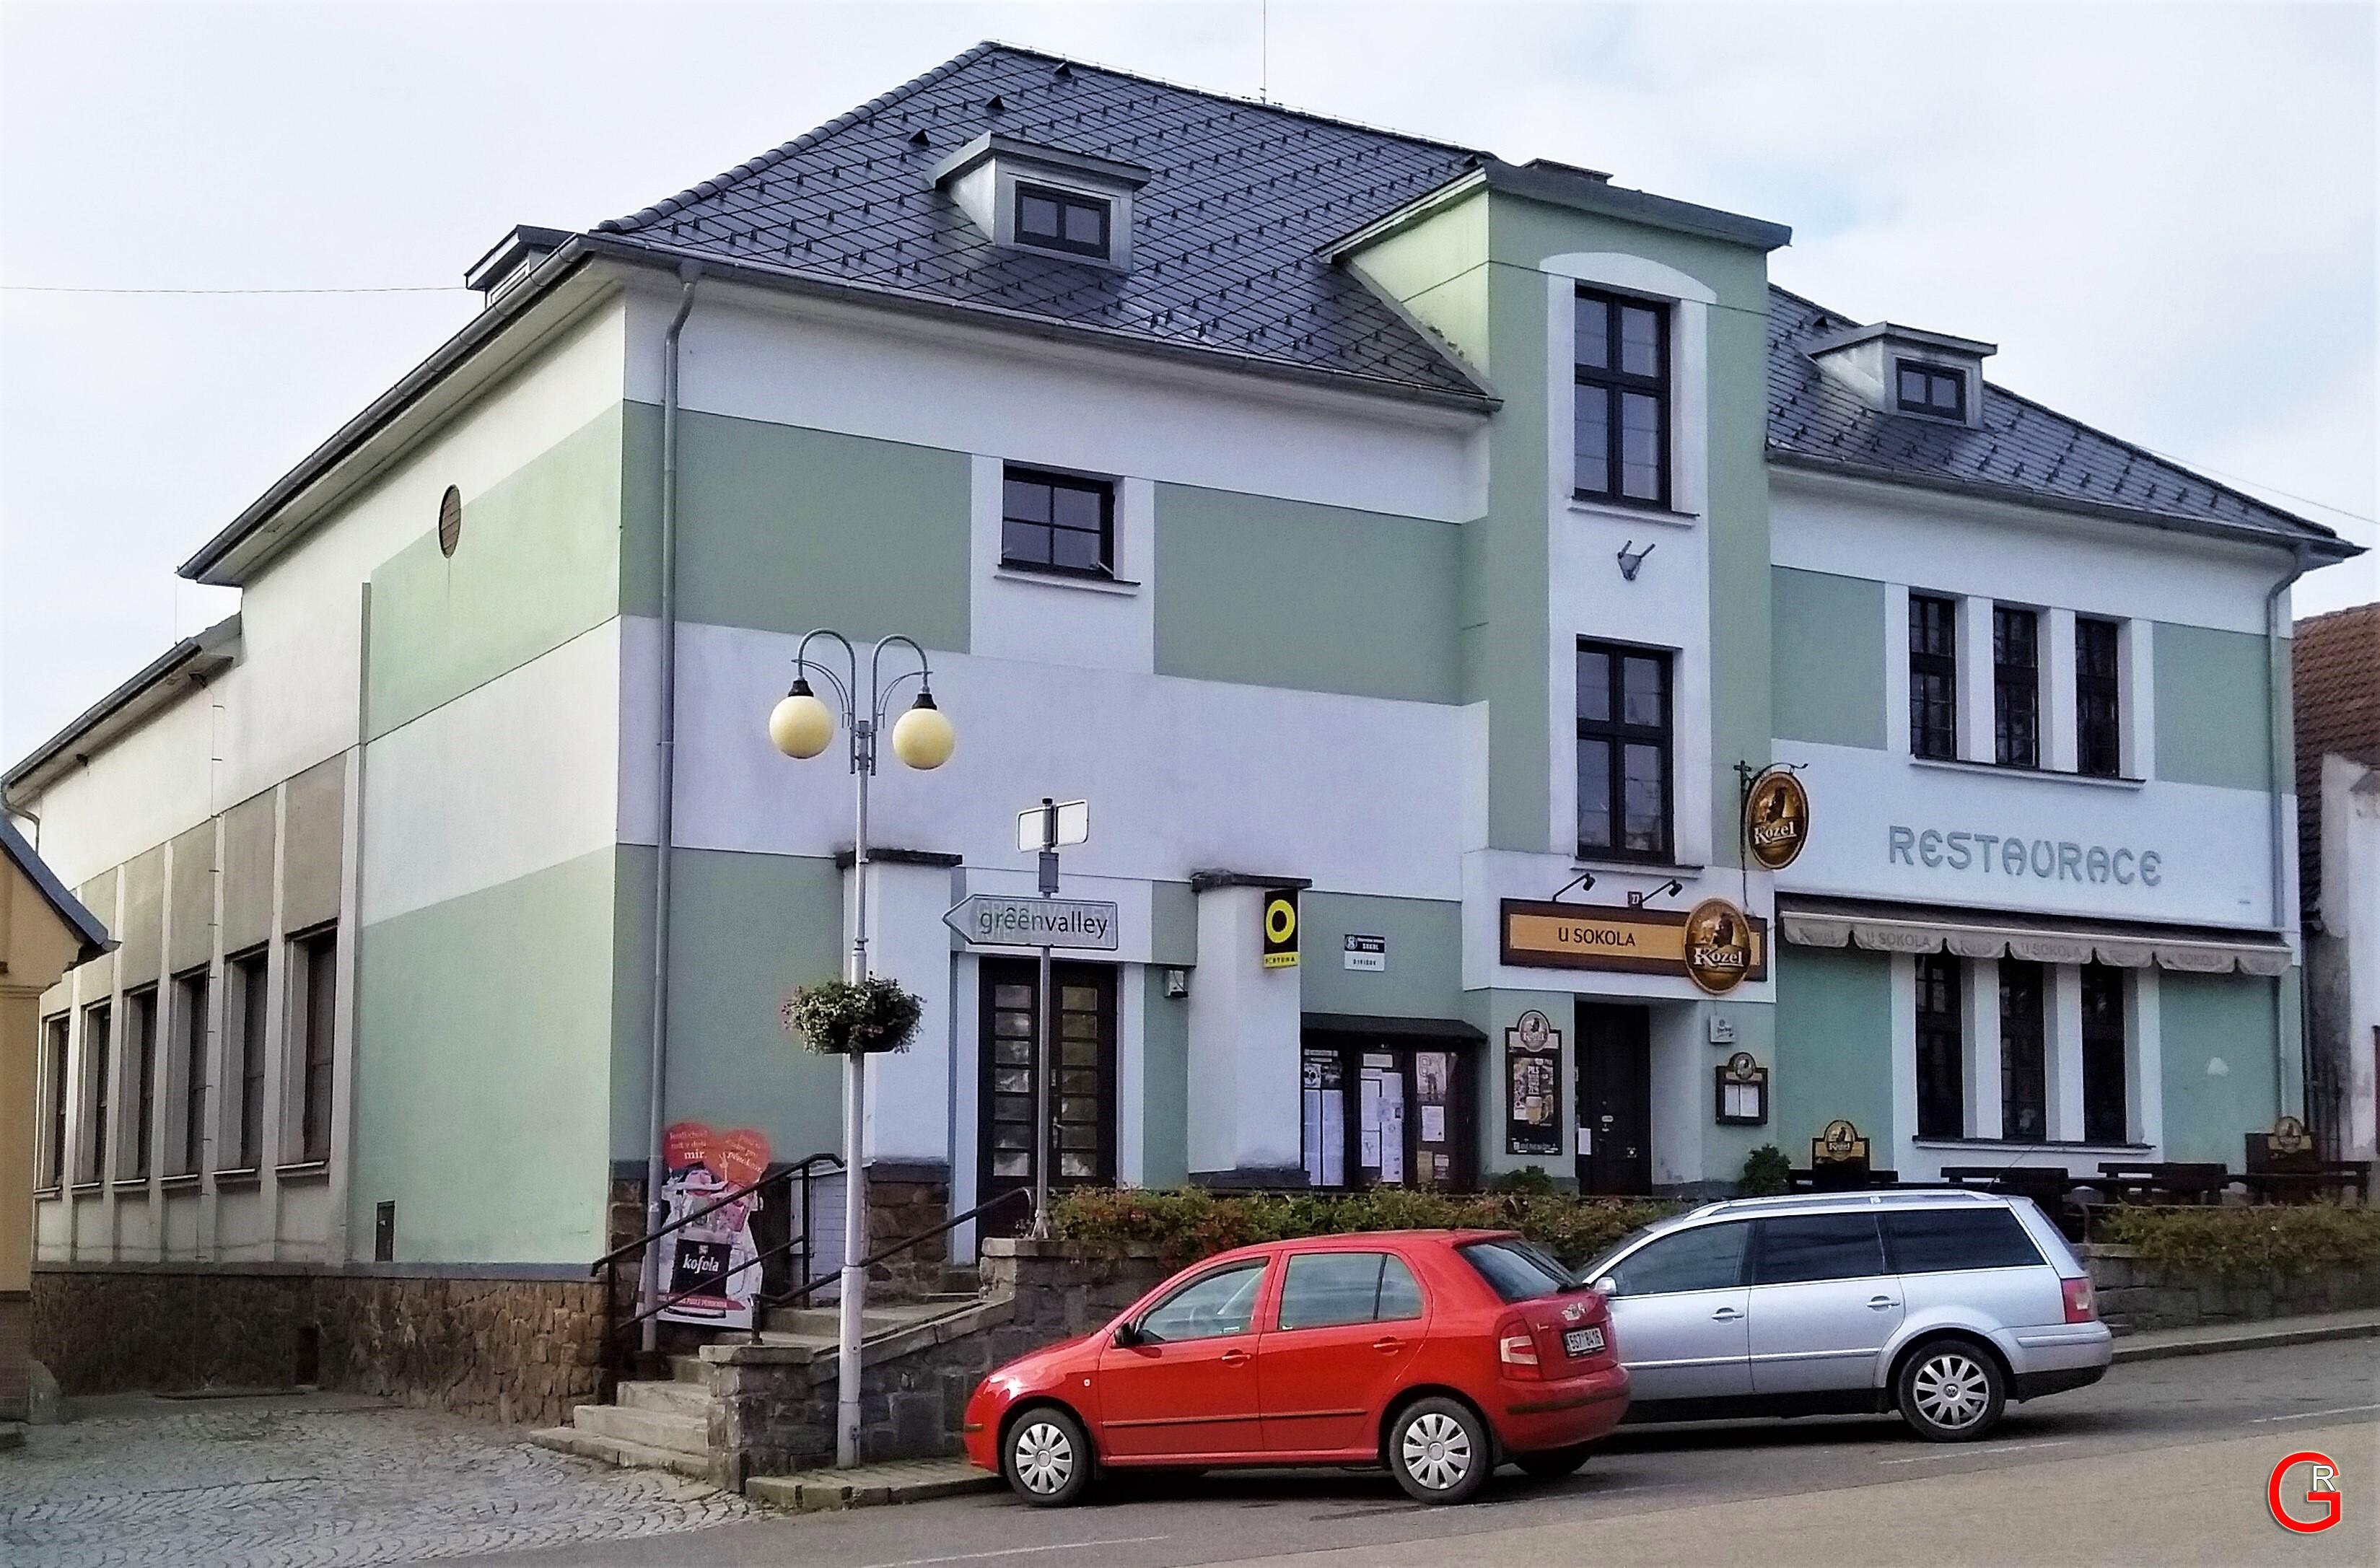 Restaurace U Sokola, exteriér 1